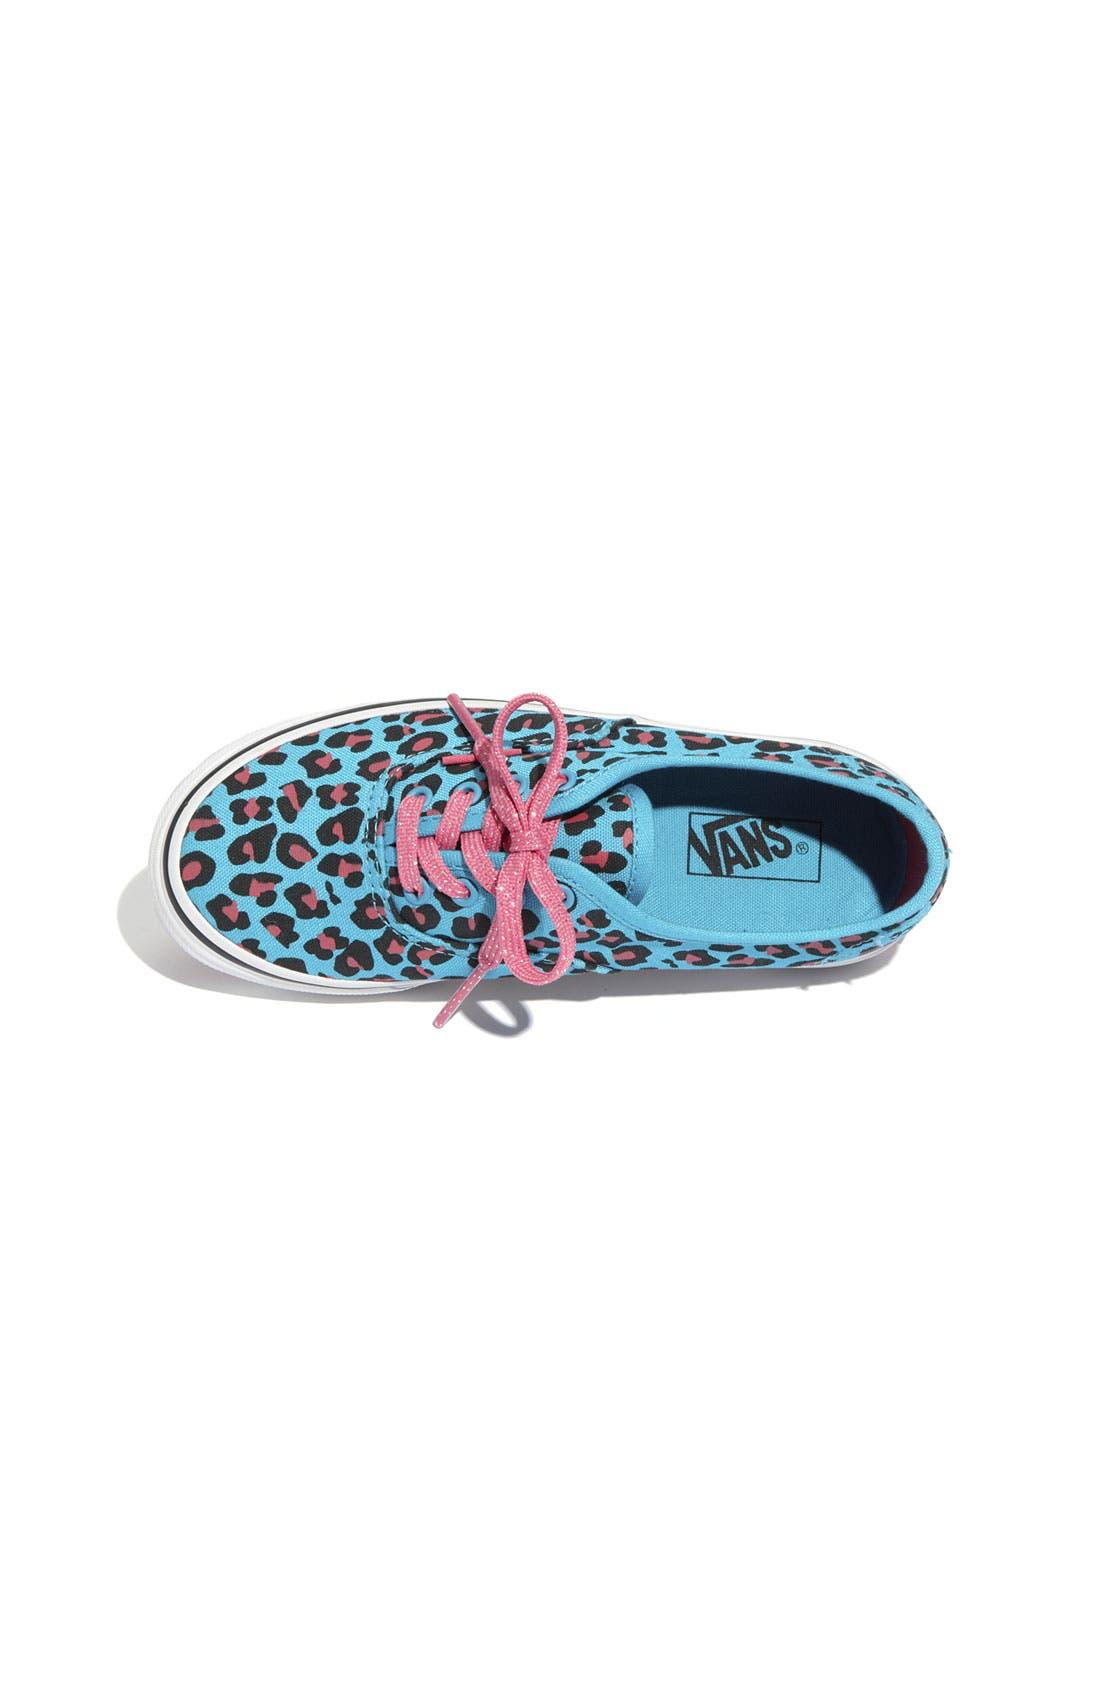 Alternate Image 3  - Vans 'Cheetah' Sneaker (Toddler, Little Kid & Big Kid)